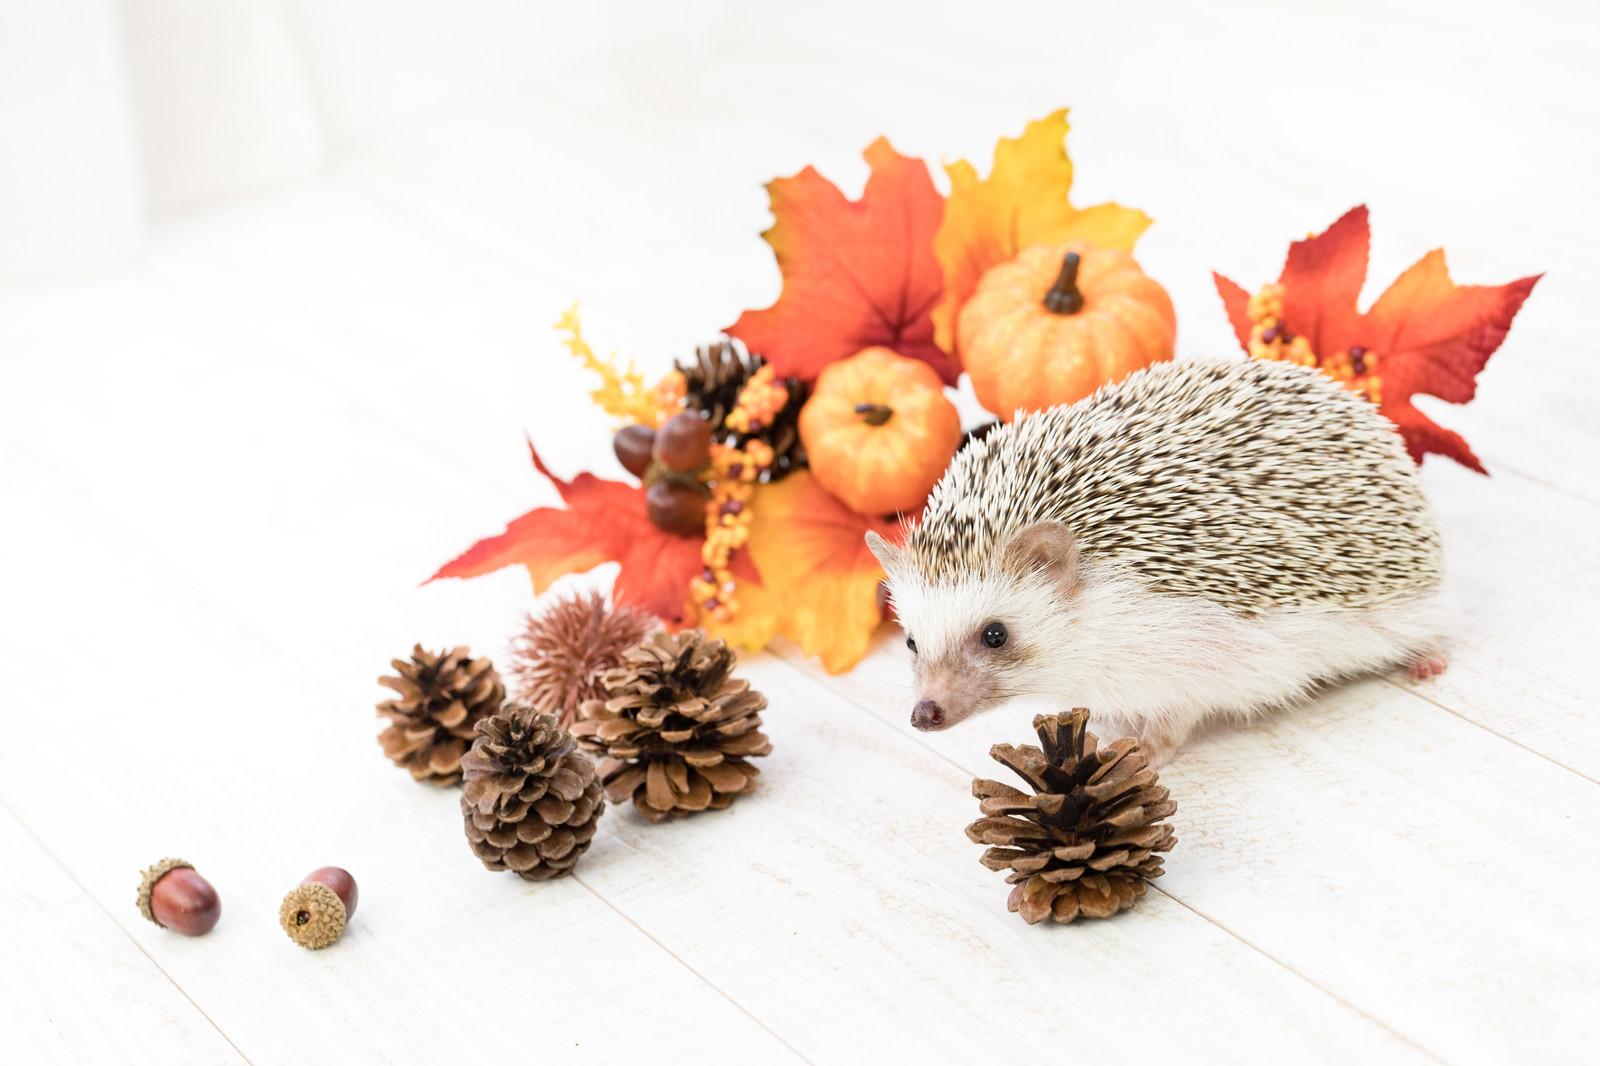 「秋の紅葉と小さなハリネズミ」の写真[モデル:ハリネズミ]